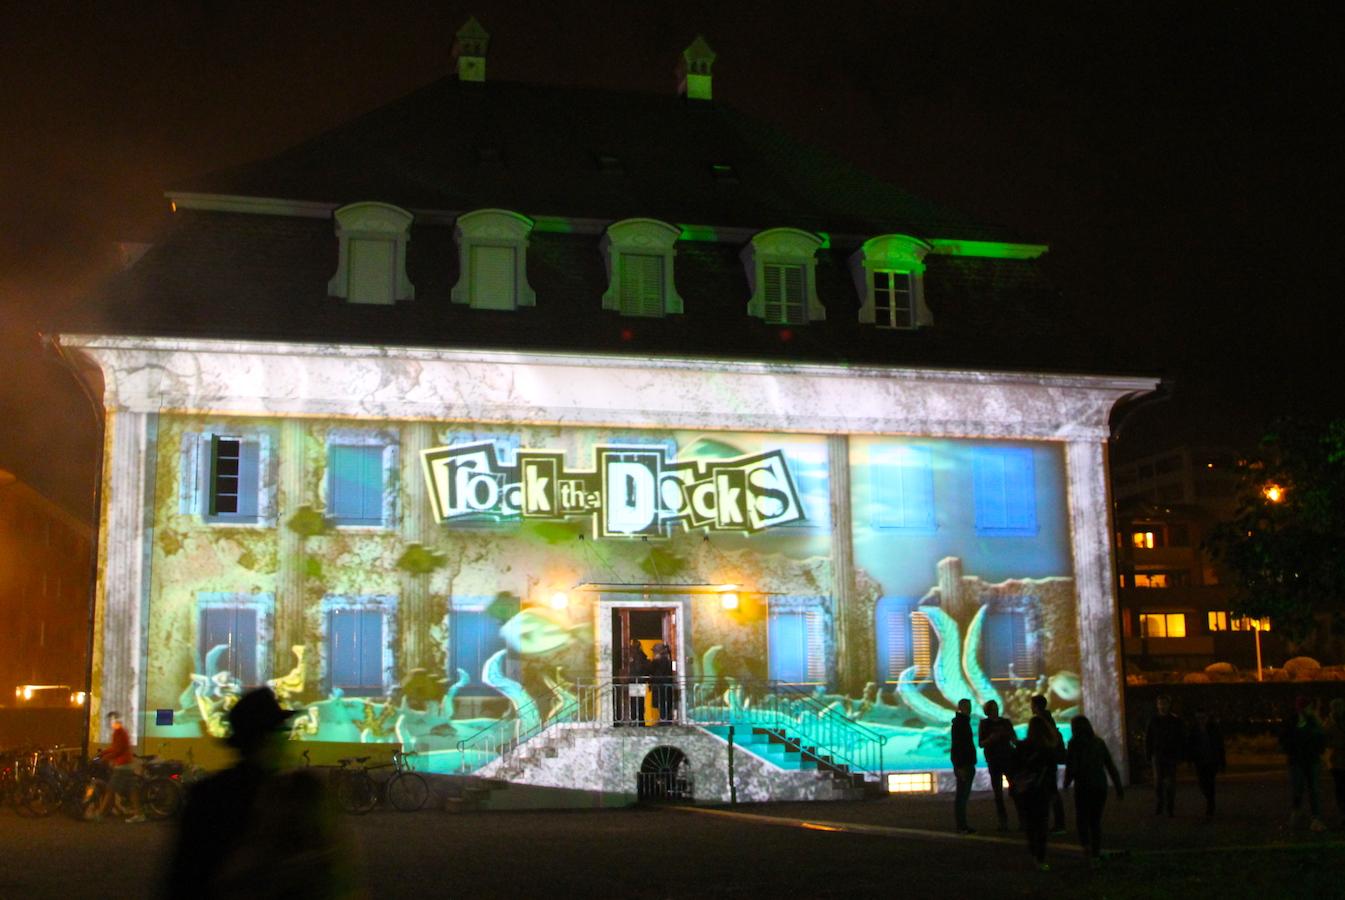 Das alte Bürgerspital auf der Schützenmatt in Zug: Backstage für Rock the Docks.